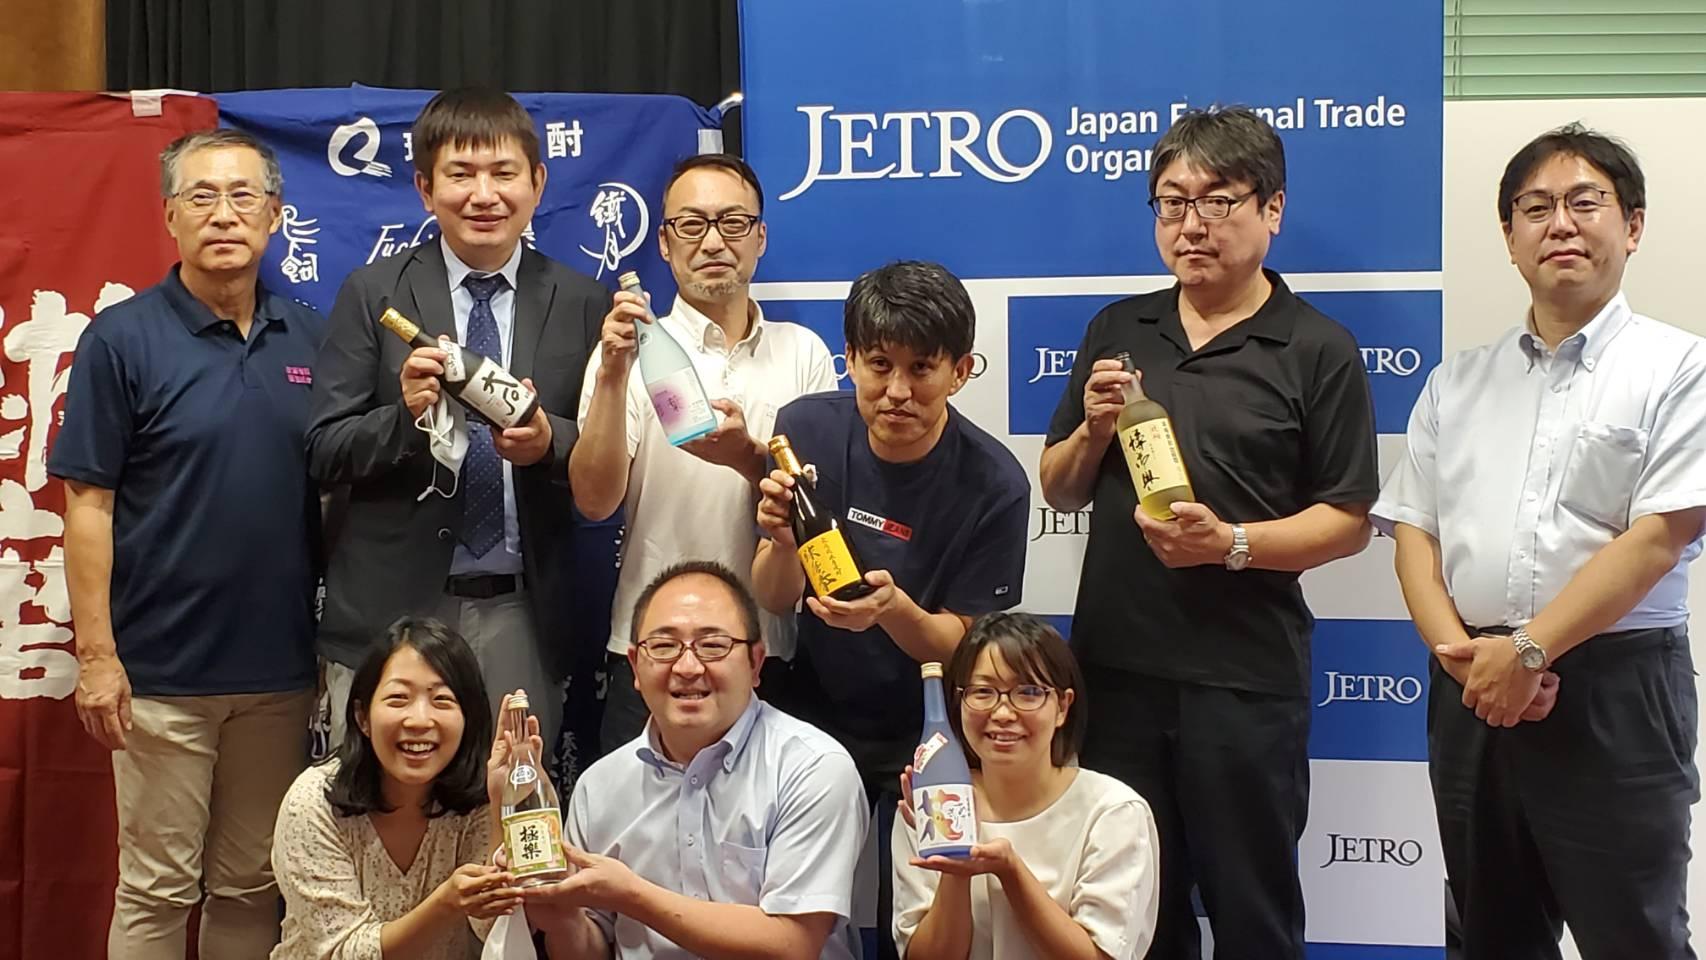 ブランド推進委員会|熊本県人吉市球磨郡米焼酎のトップブランド球磨焼酎酒造組合